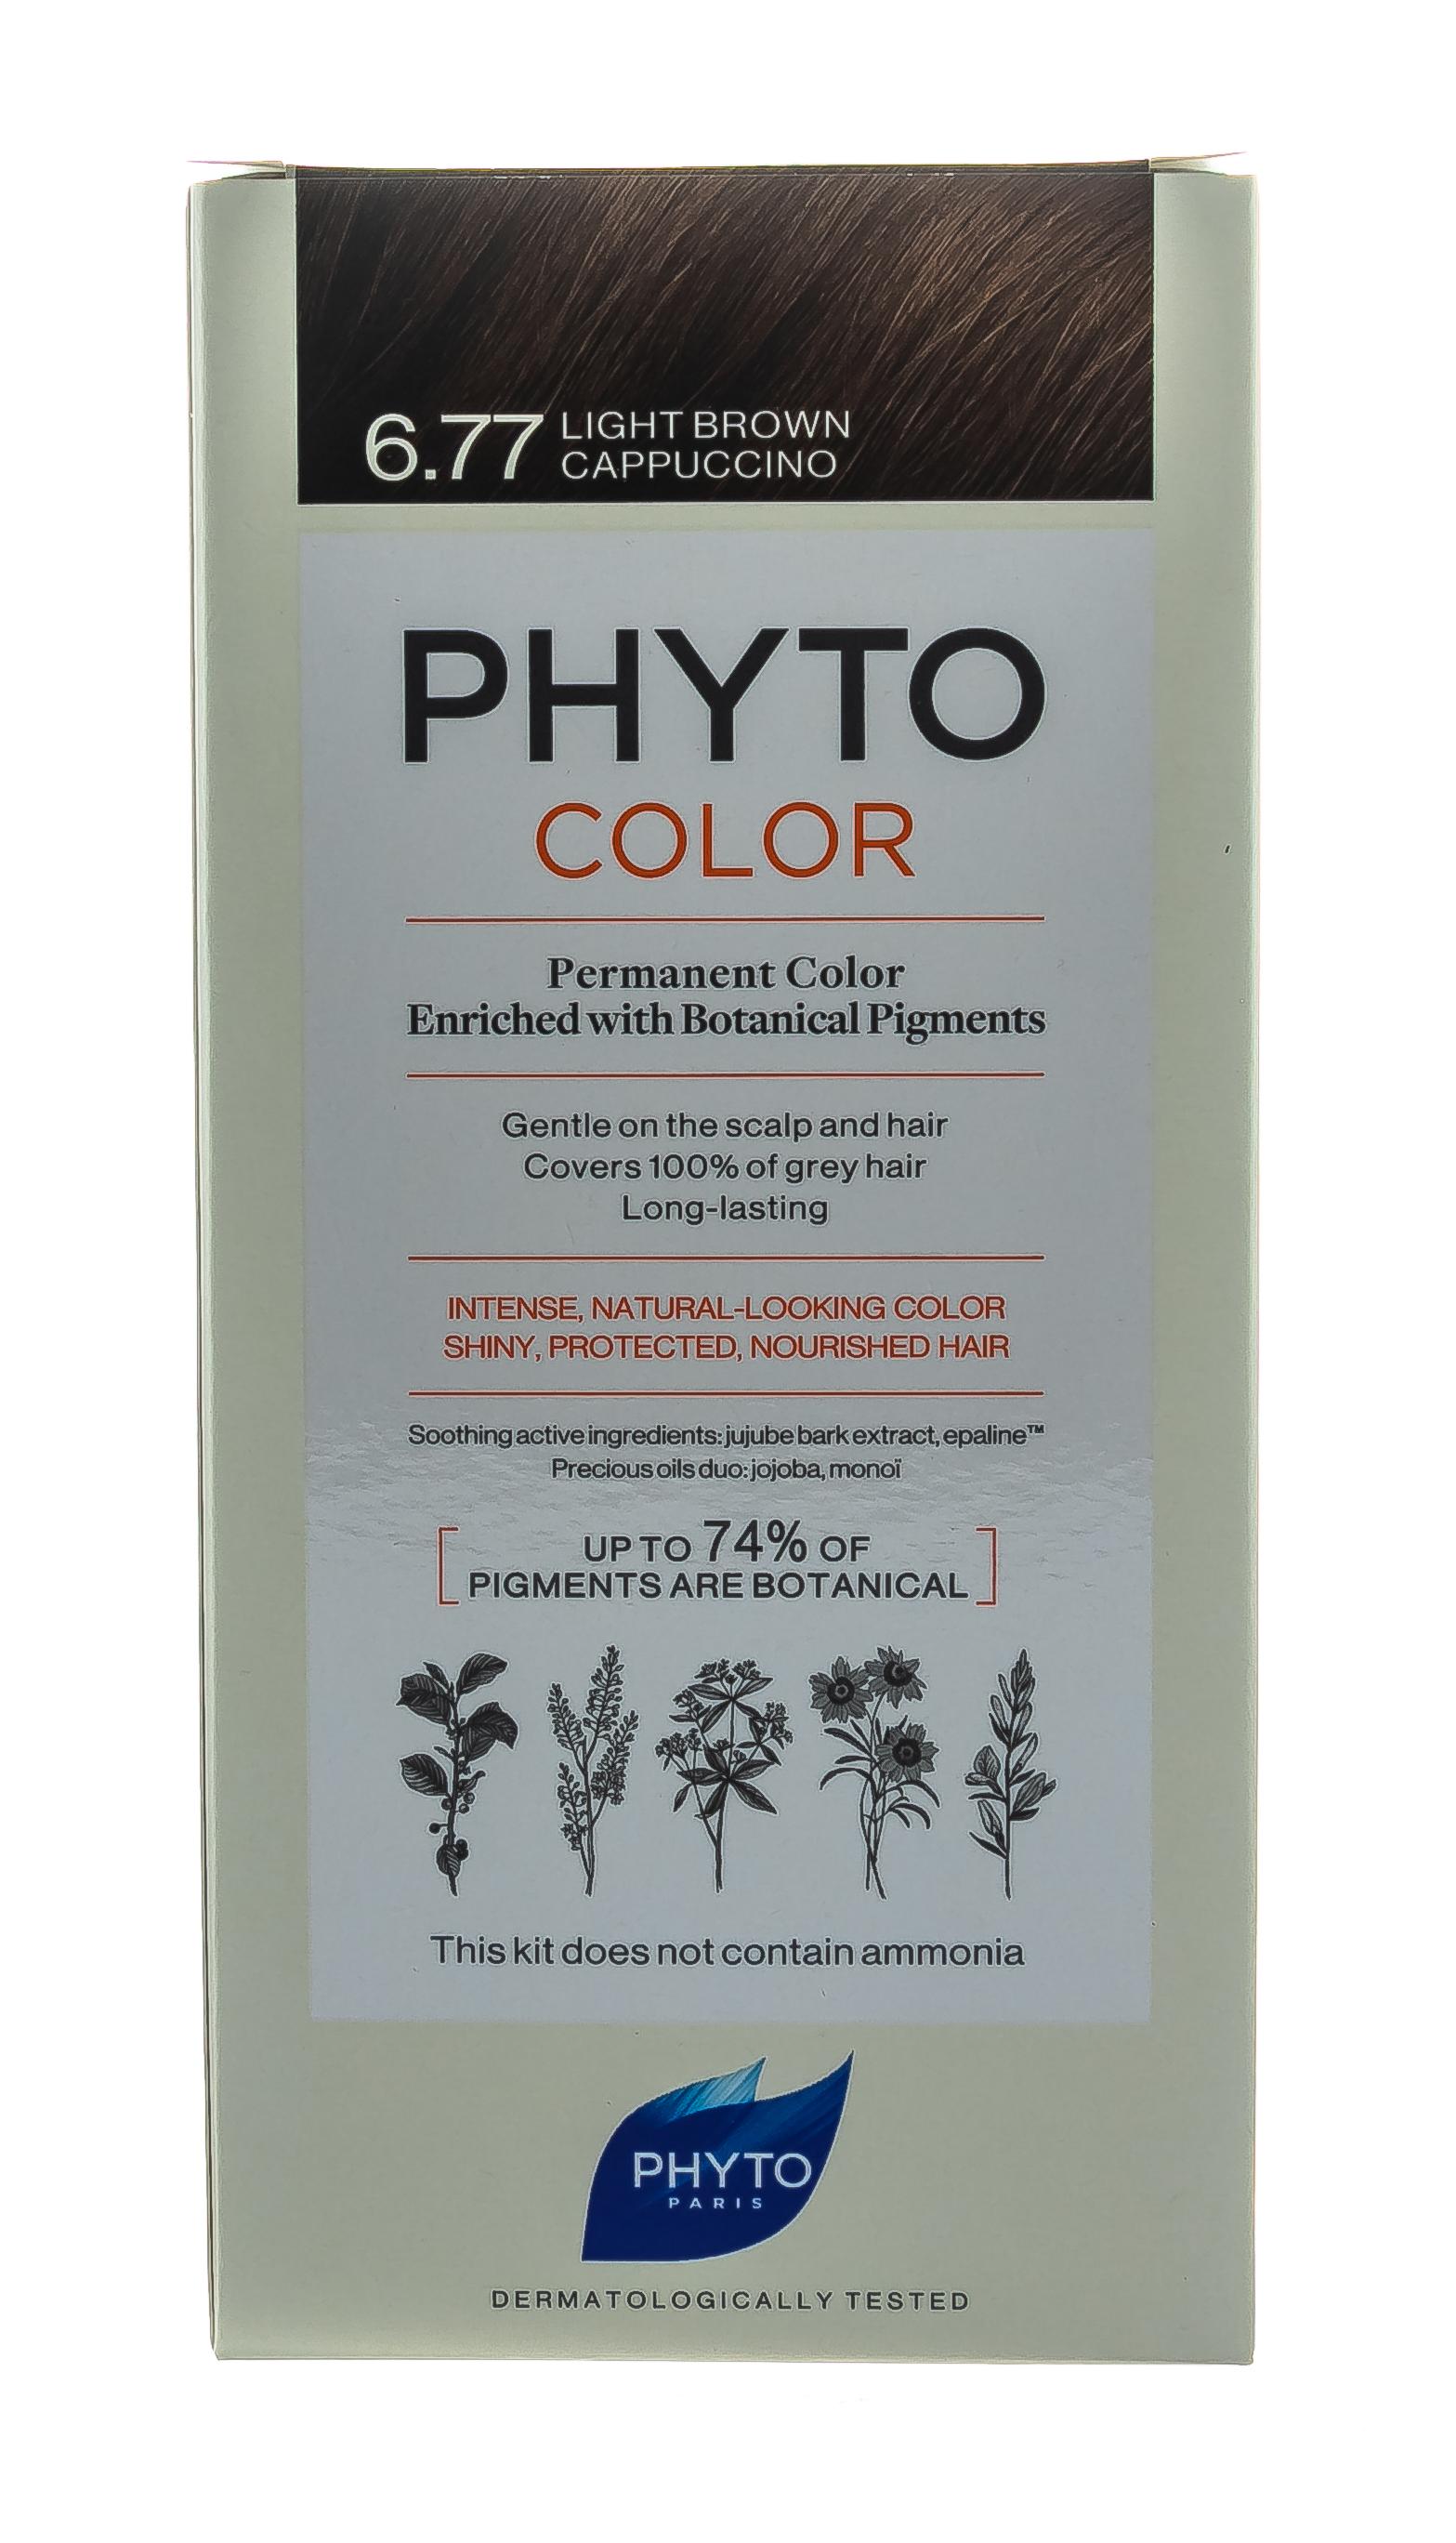 Купить Phytosolba Краска для волос светлый каштан - капучино, 1 шт (Phytosolba, PhytoCOLOR)